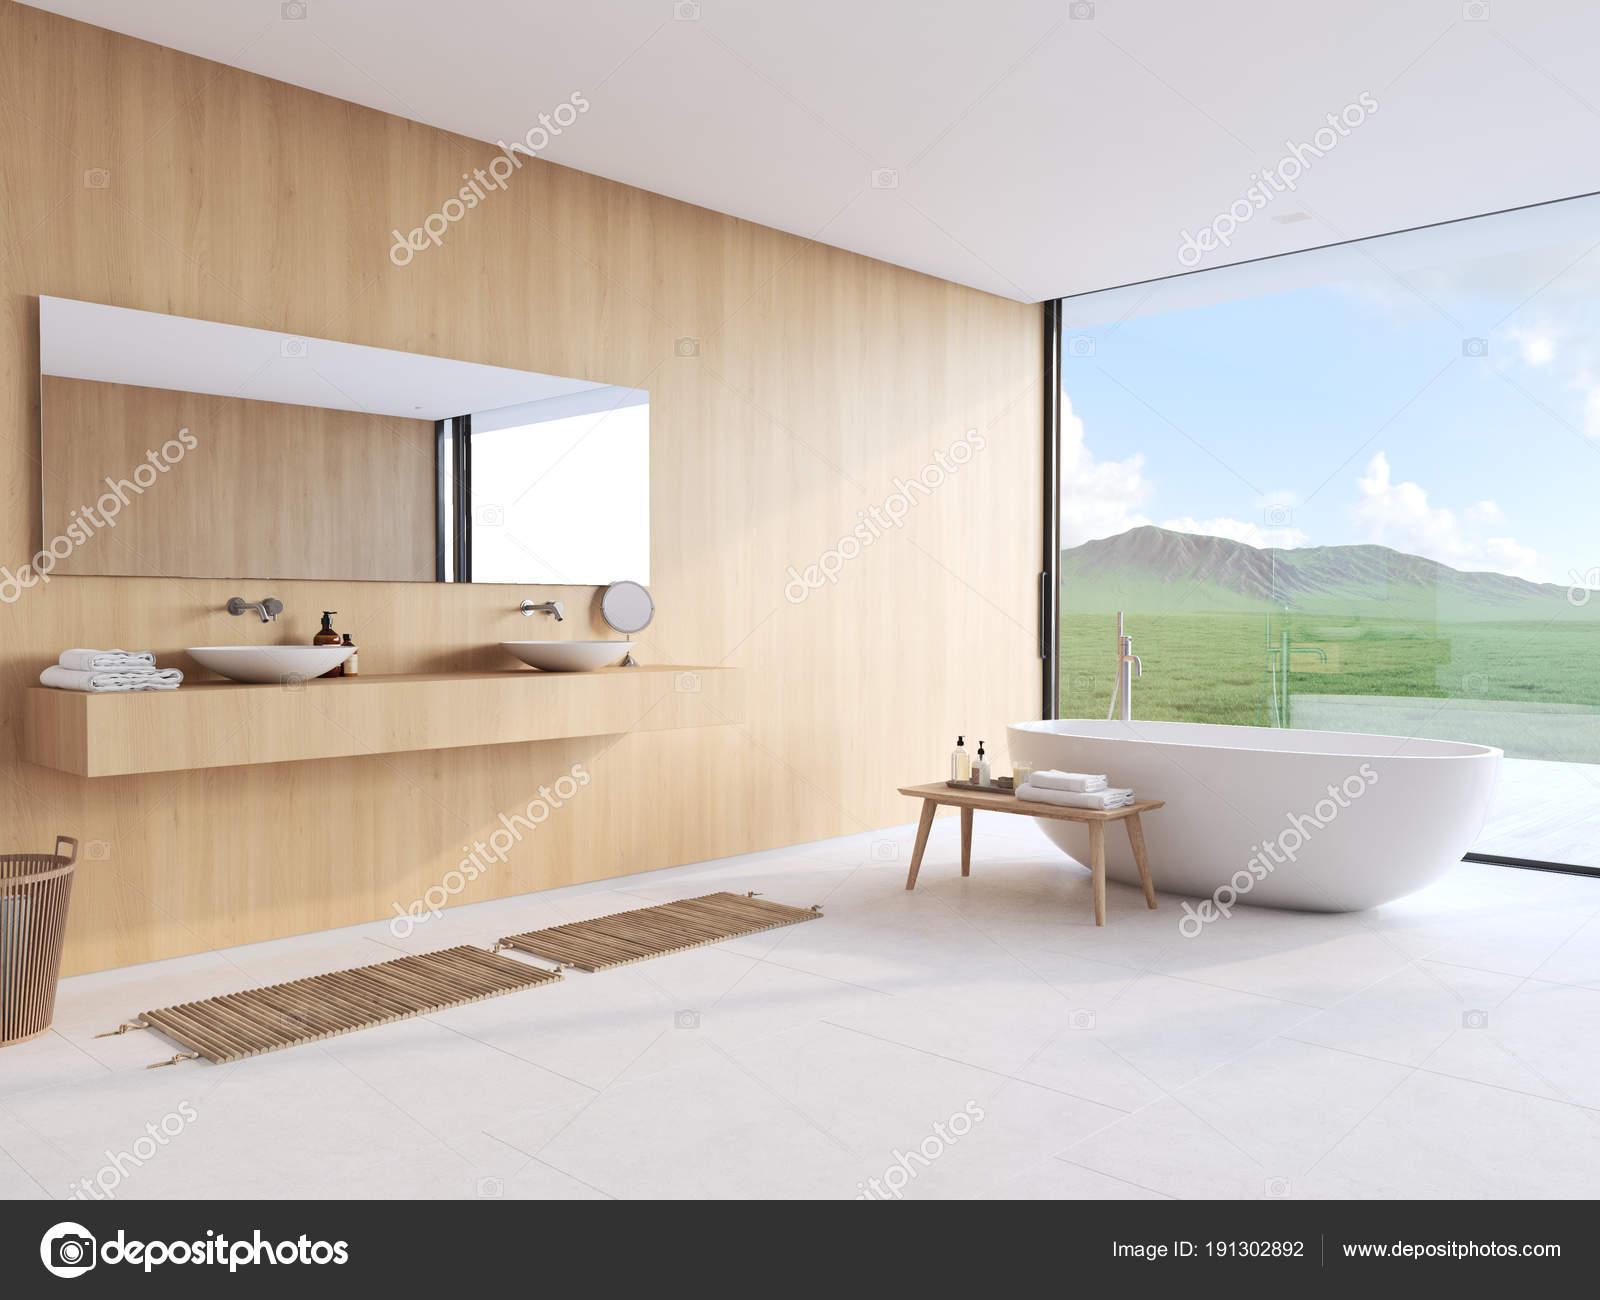 Mooie Moderne Badkamers : Mooie moderne badkamers indrukwekkend badkamers bakkum krook